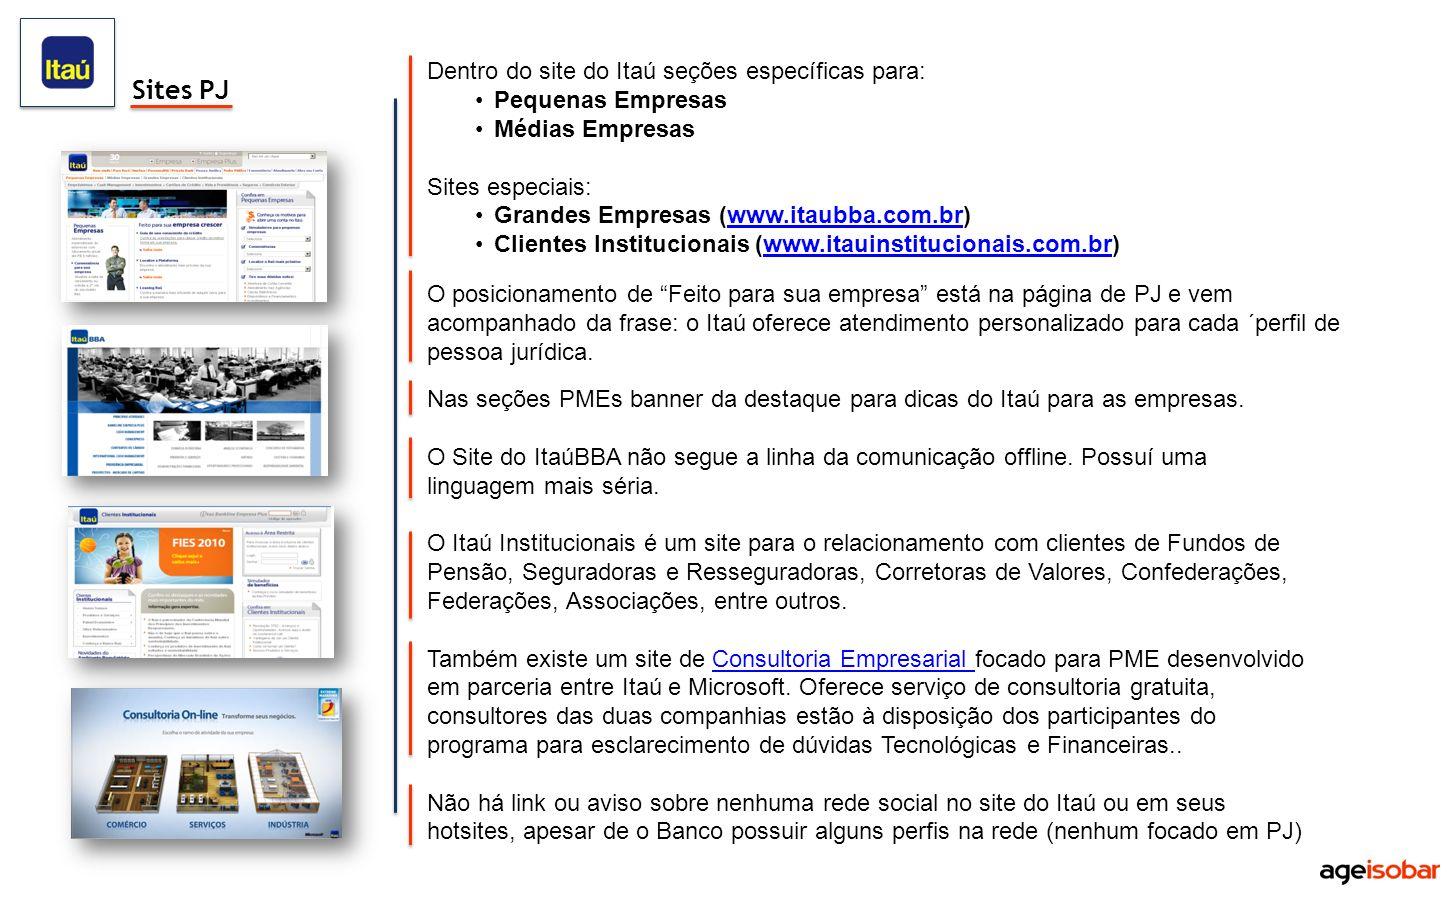 Dentro do site do Itaú seções específicas para: Pequenas Empresas Médias Empresas Sites especiais: Grandes Empresas (www.itaubba.com.br)www.itaubba.co